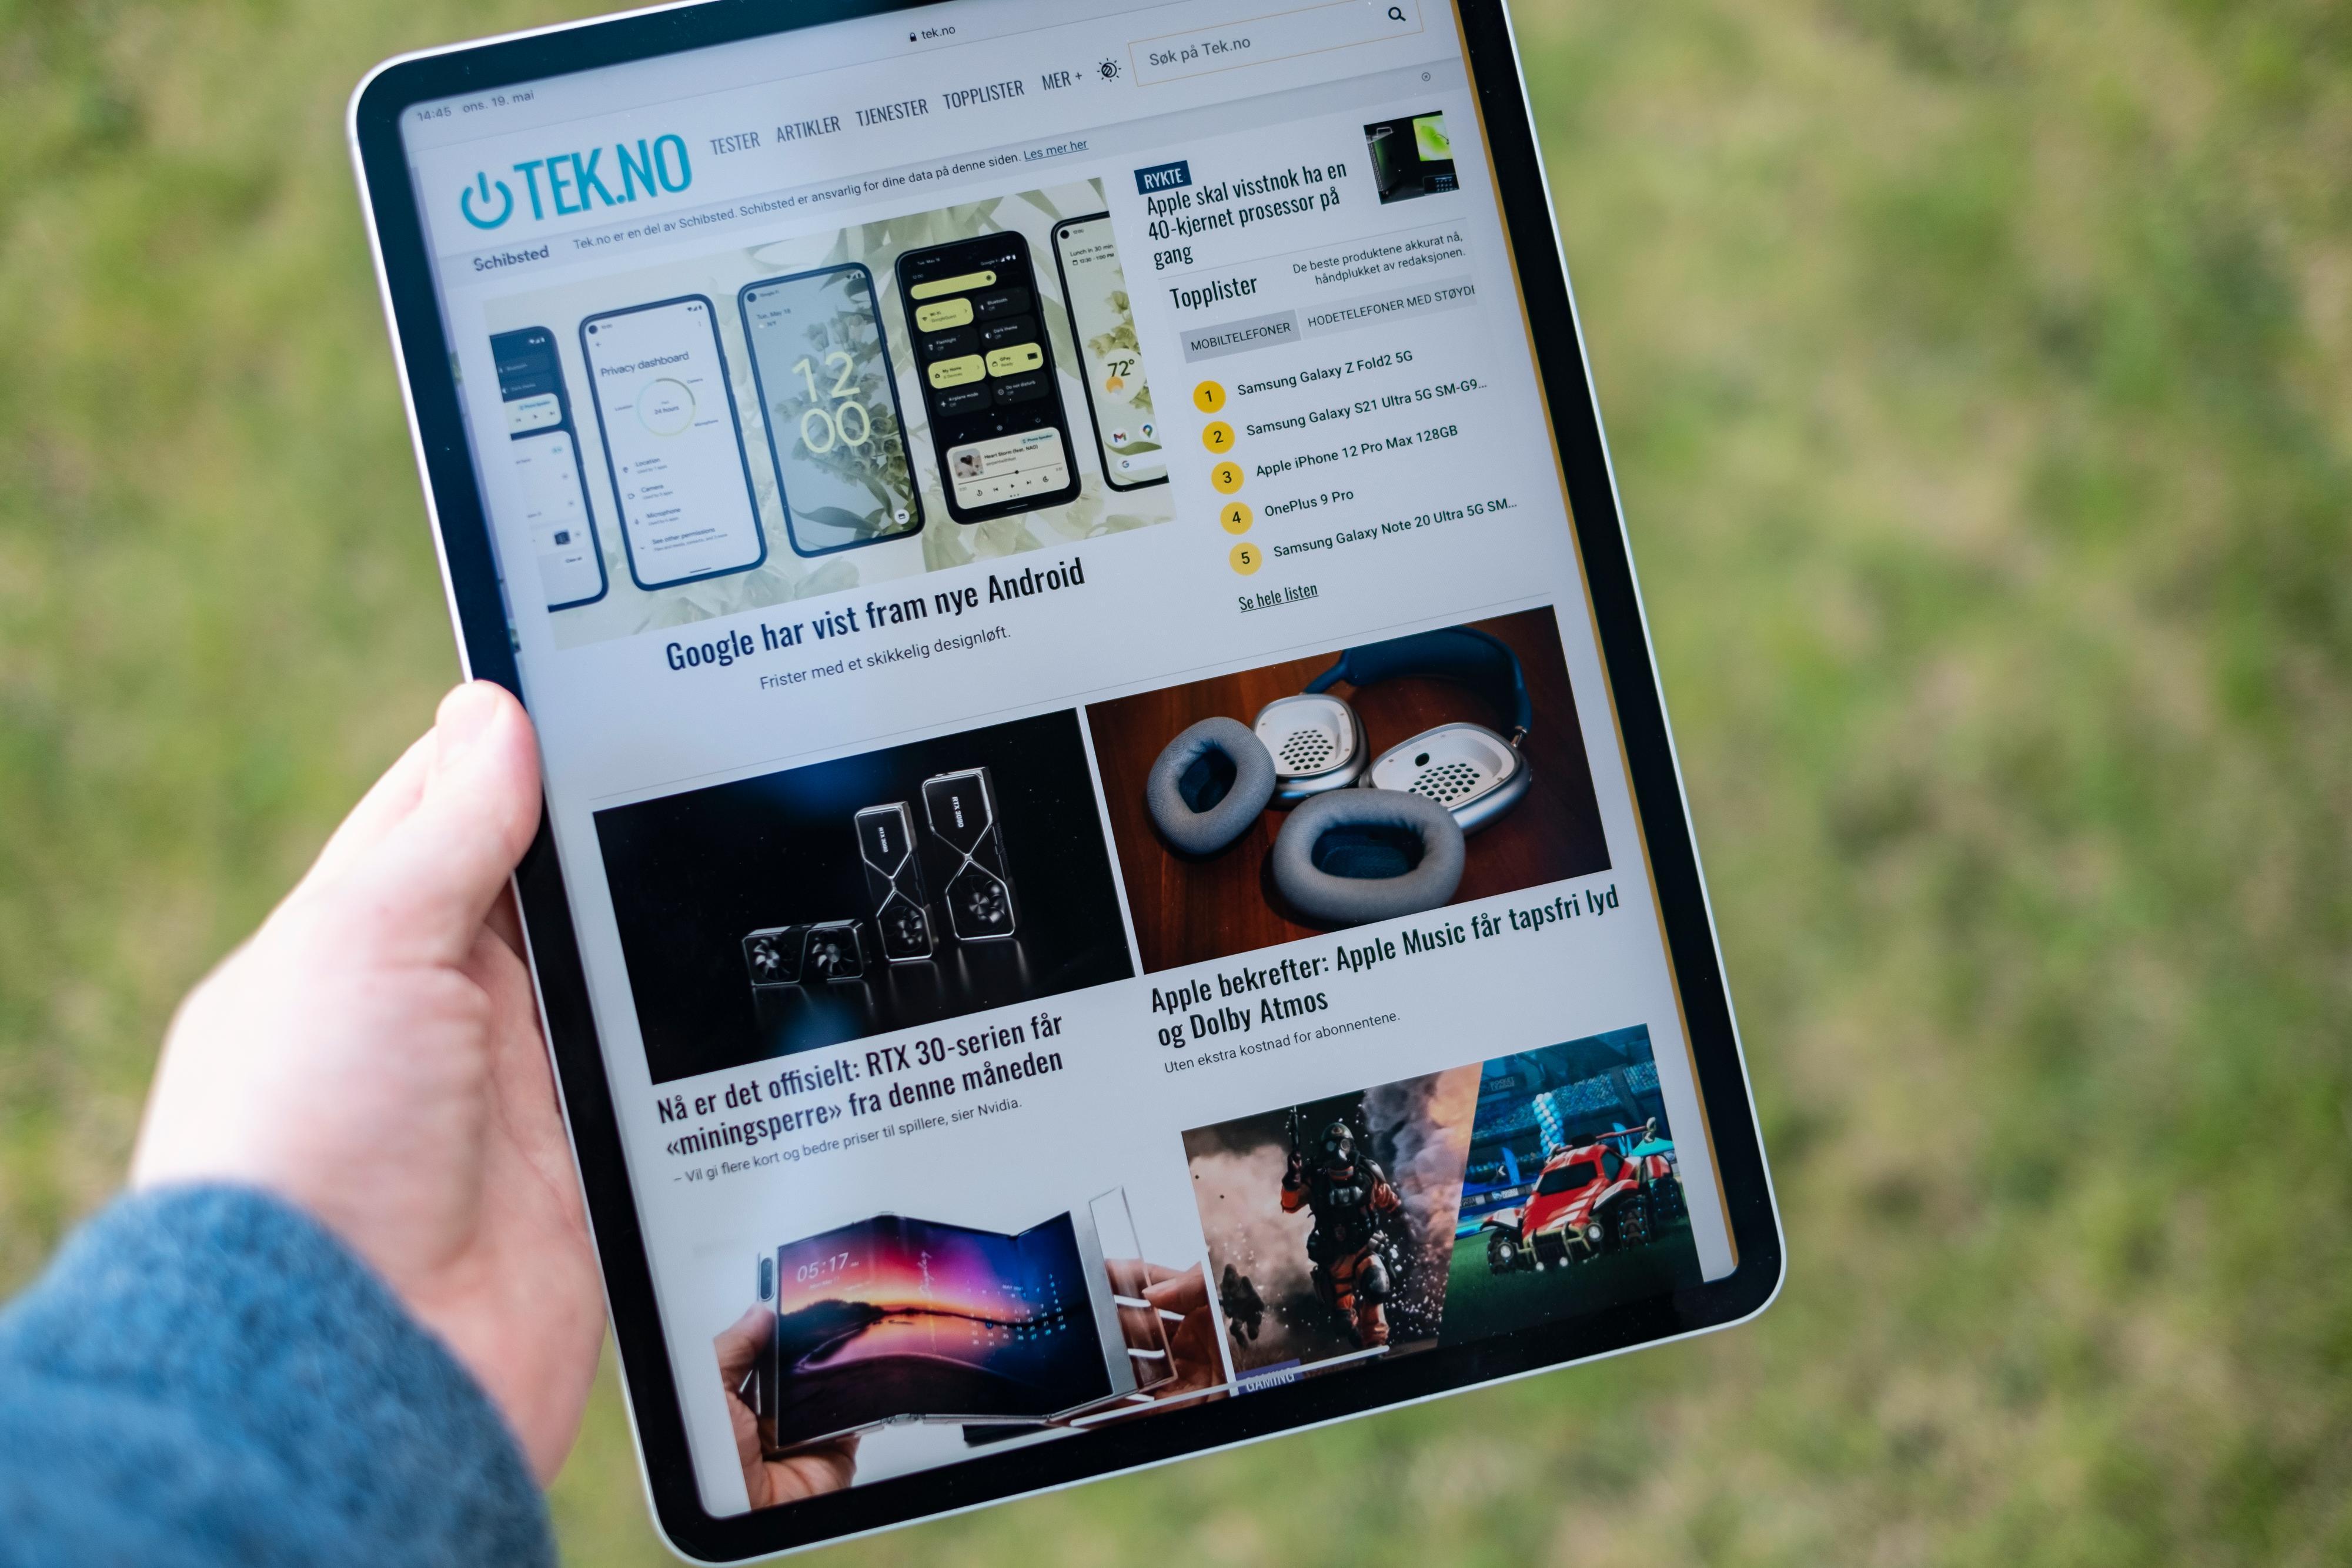 Vi prøvde å komme på et nettbrett som er bedre enn iPad Pro. Det klarte vi ikke. Det er fortsatt forbedringspotensial igjen, og med en pris på 12.000 kroner glipper toppkarakteren såvidt unna.